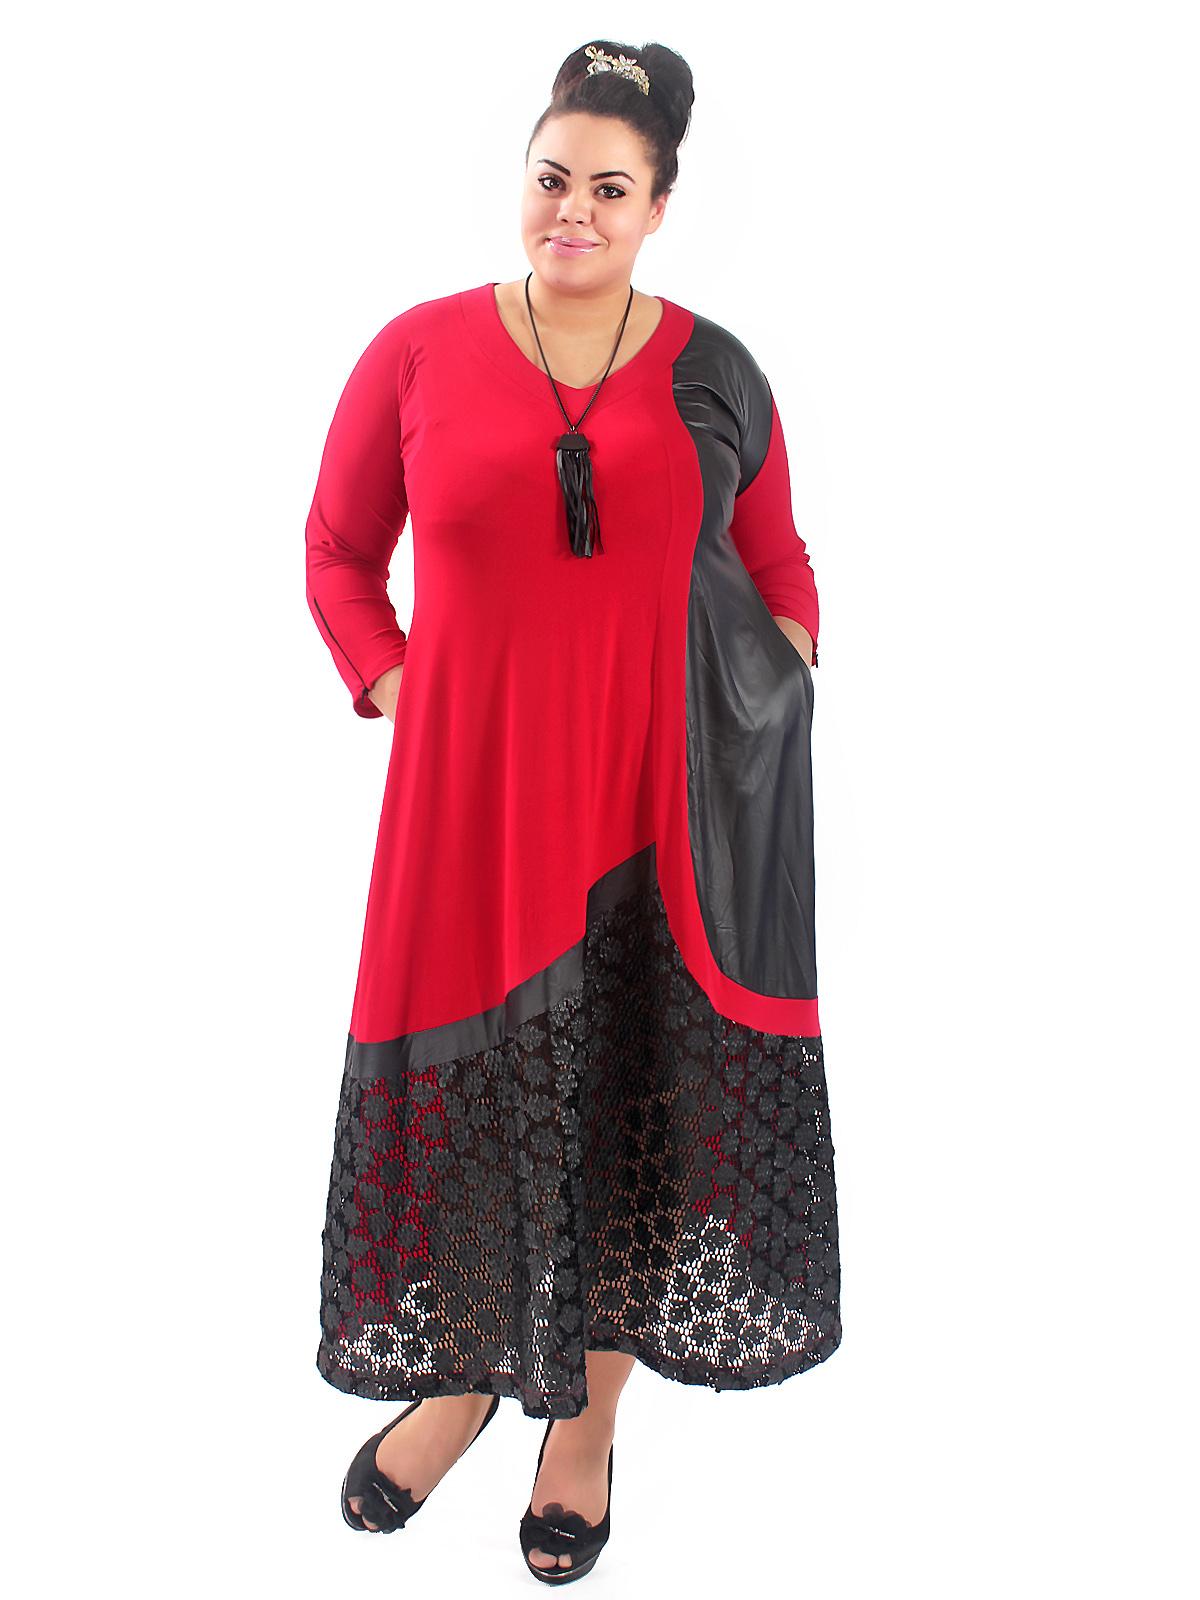 Женская одежда из турции купить интернет магазин